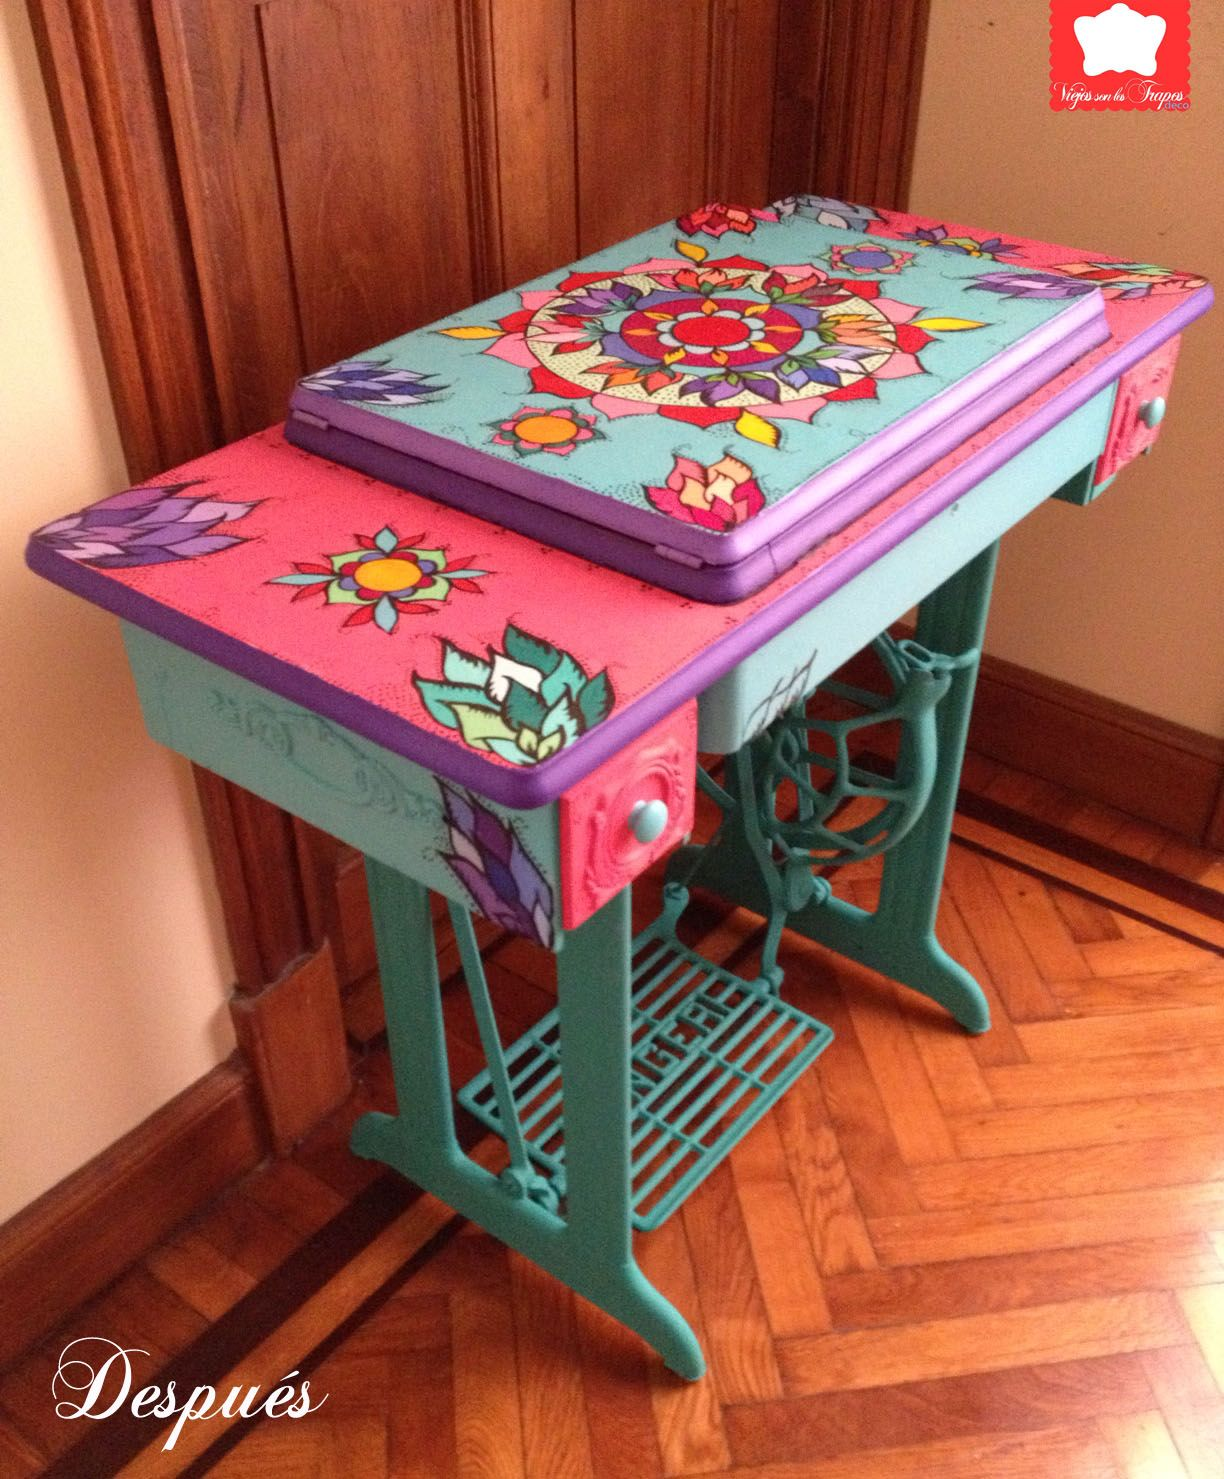 Imagen relacionada restauracion de mueble pinterest - Decoracion vintage reciclado ...